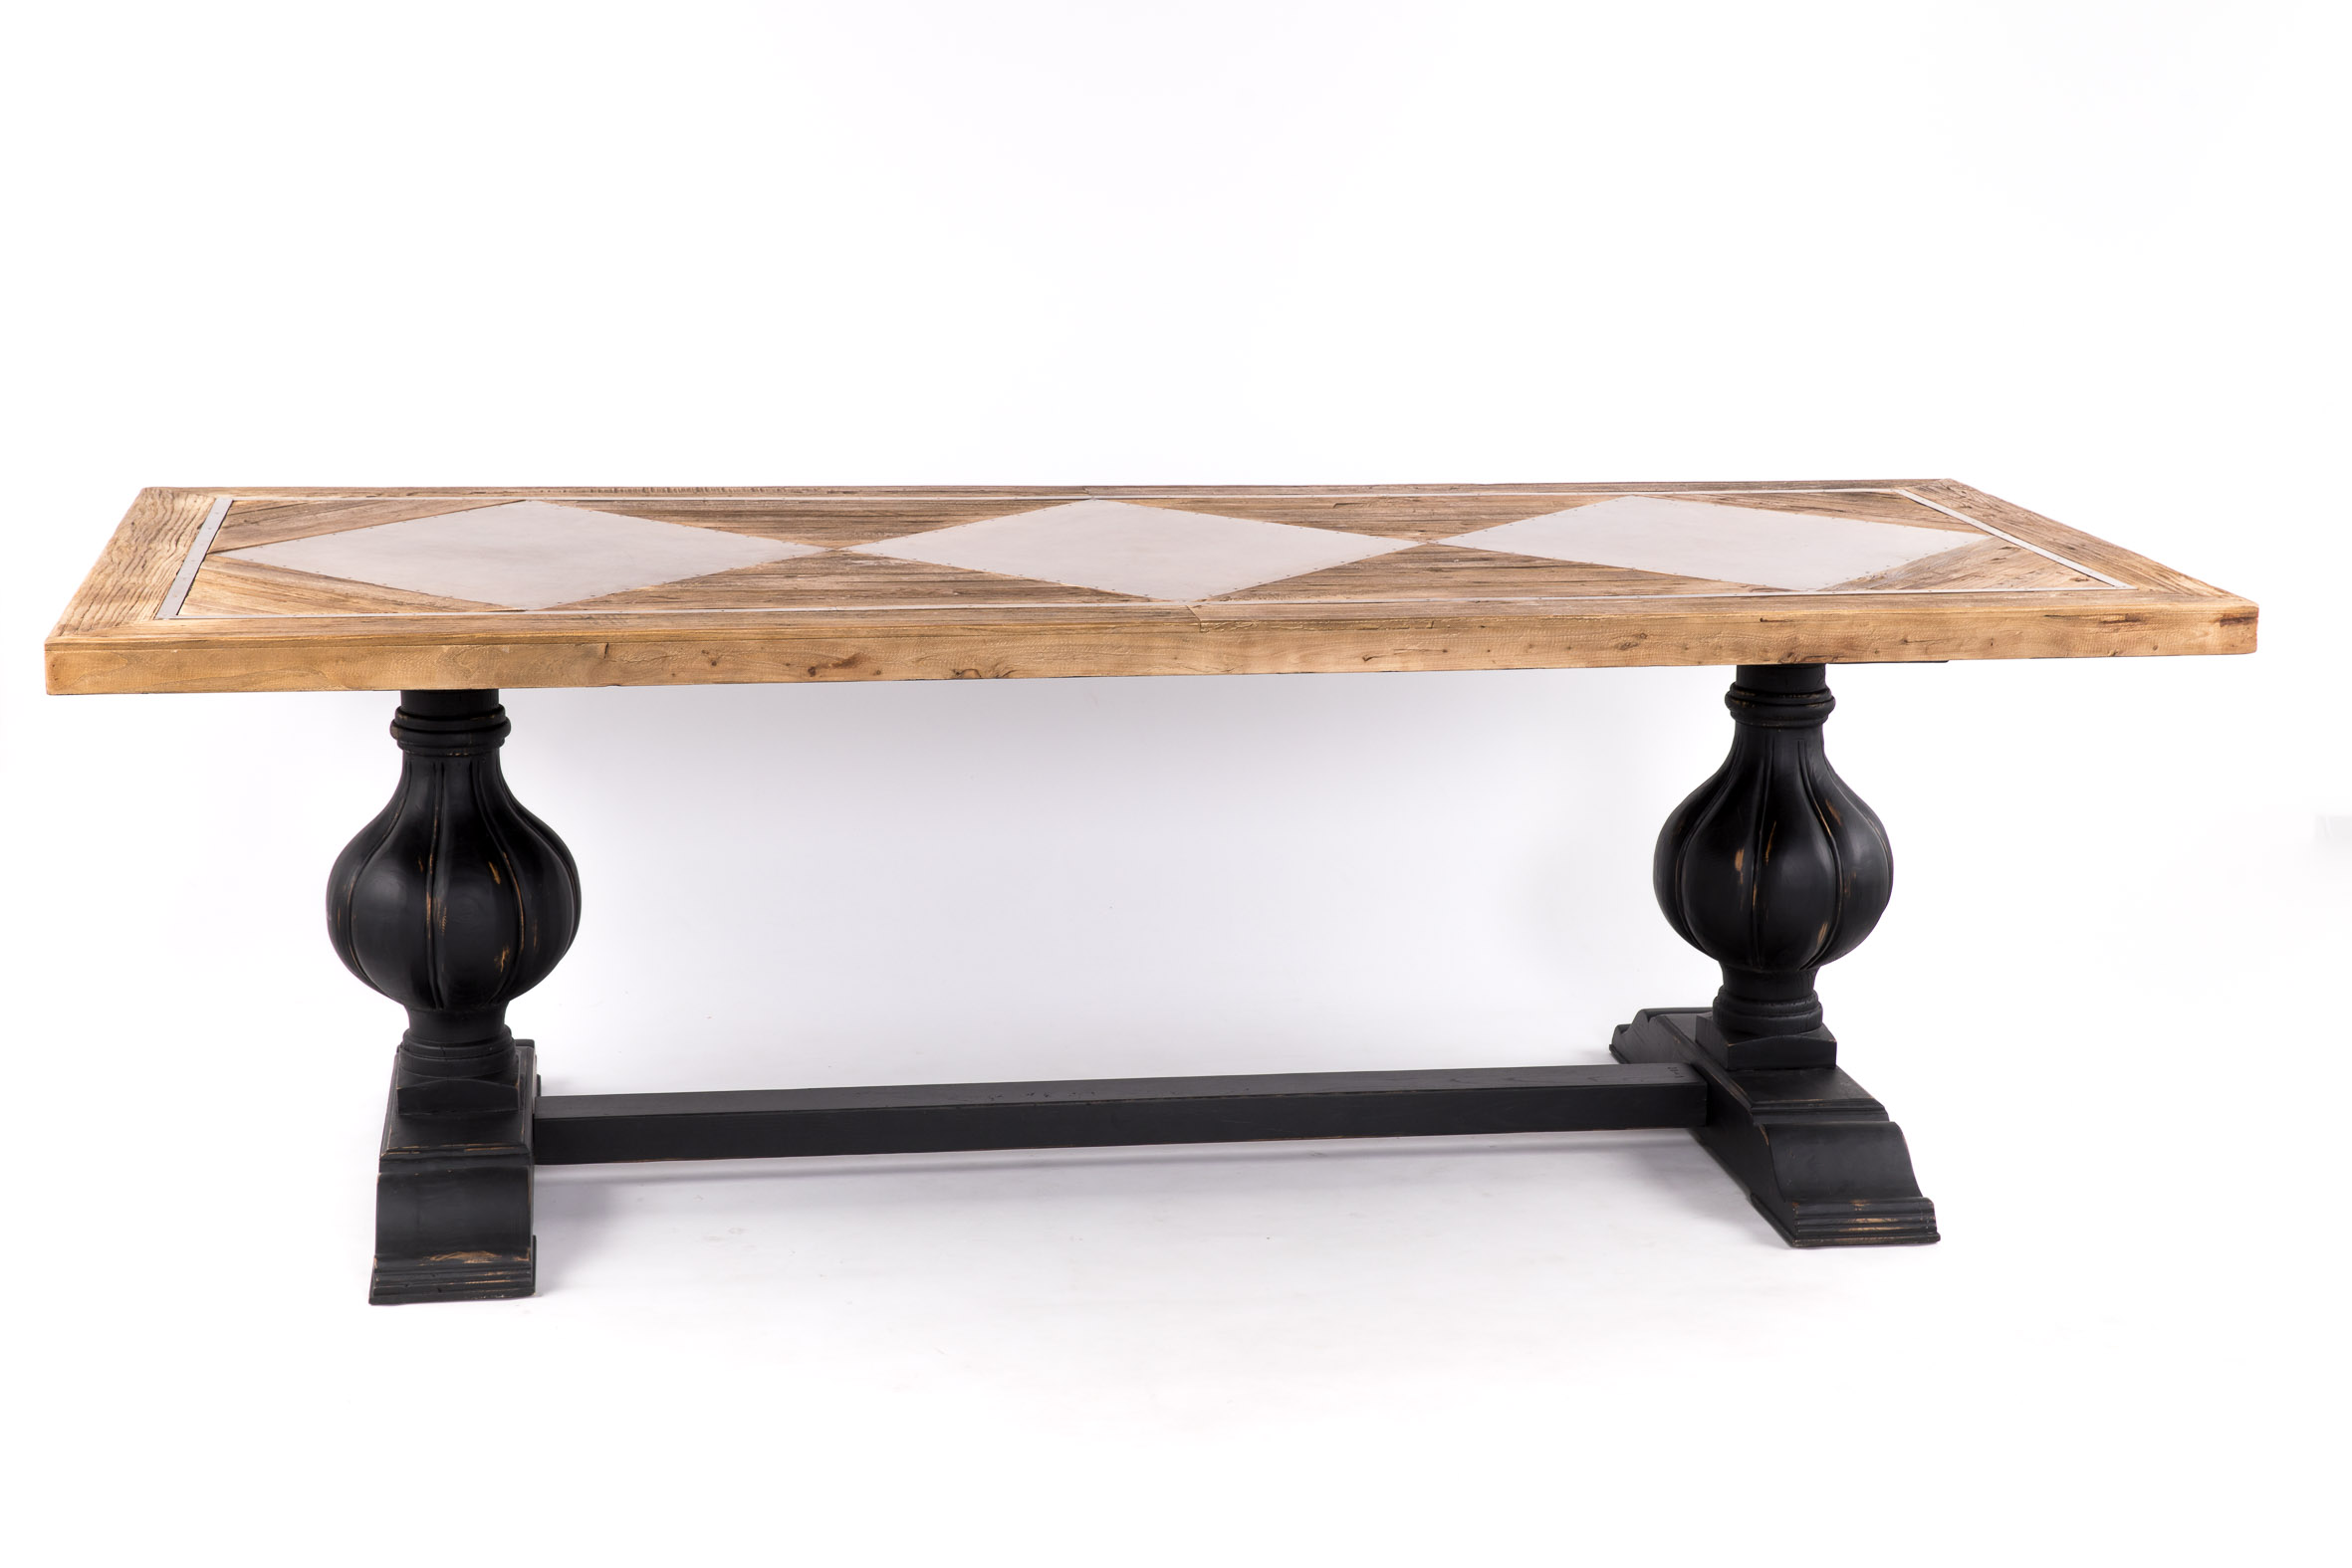 Mesa comedor retro vintage madera metal